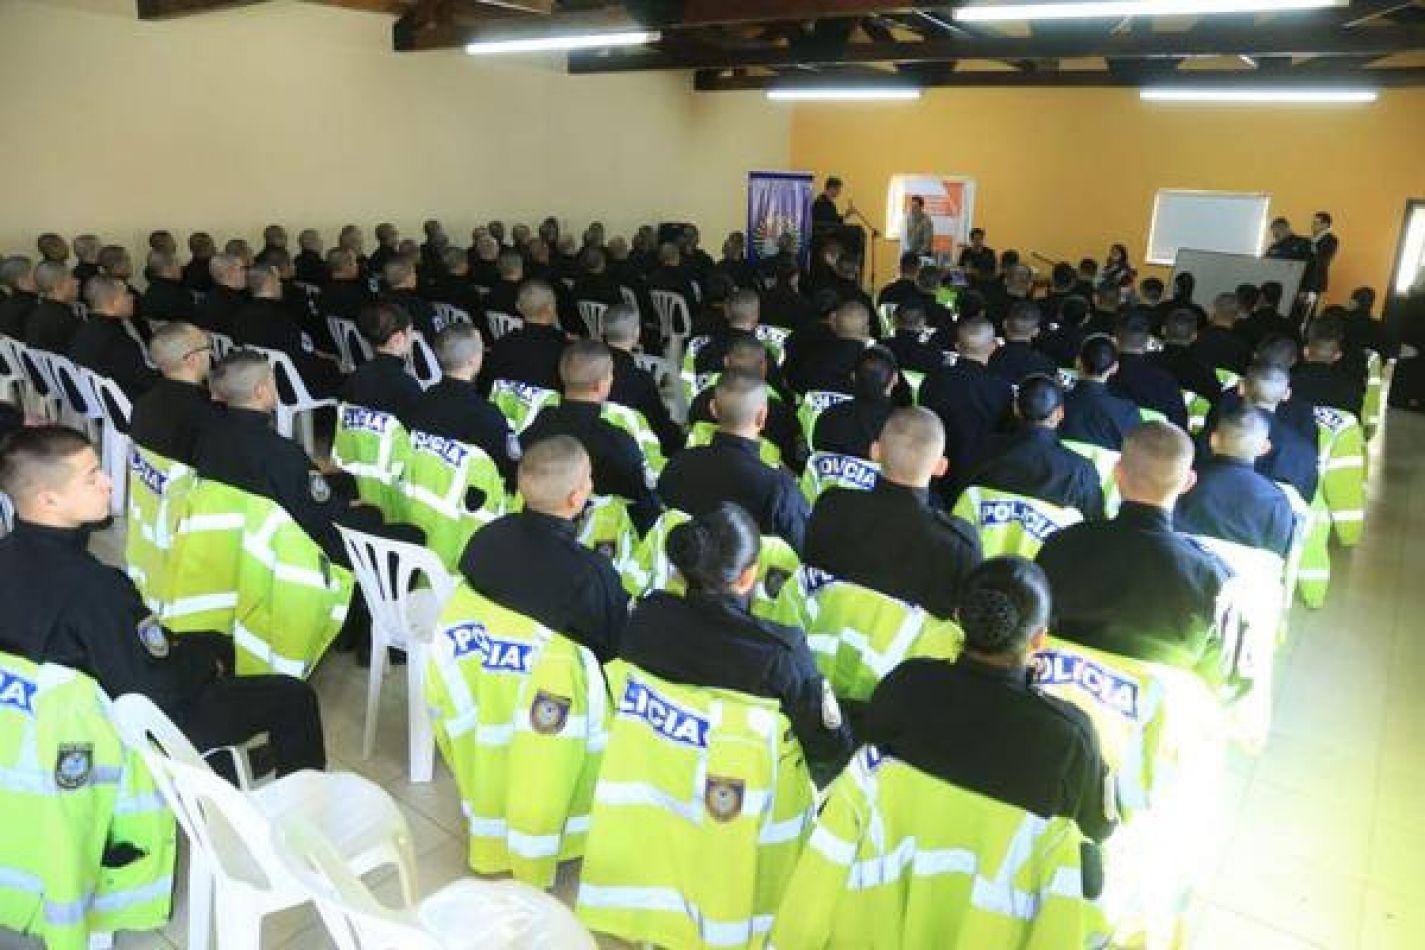 Se dictó capacitación sobre violencia de género a cadetes y aspirantes de la policia de la provincia